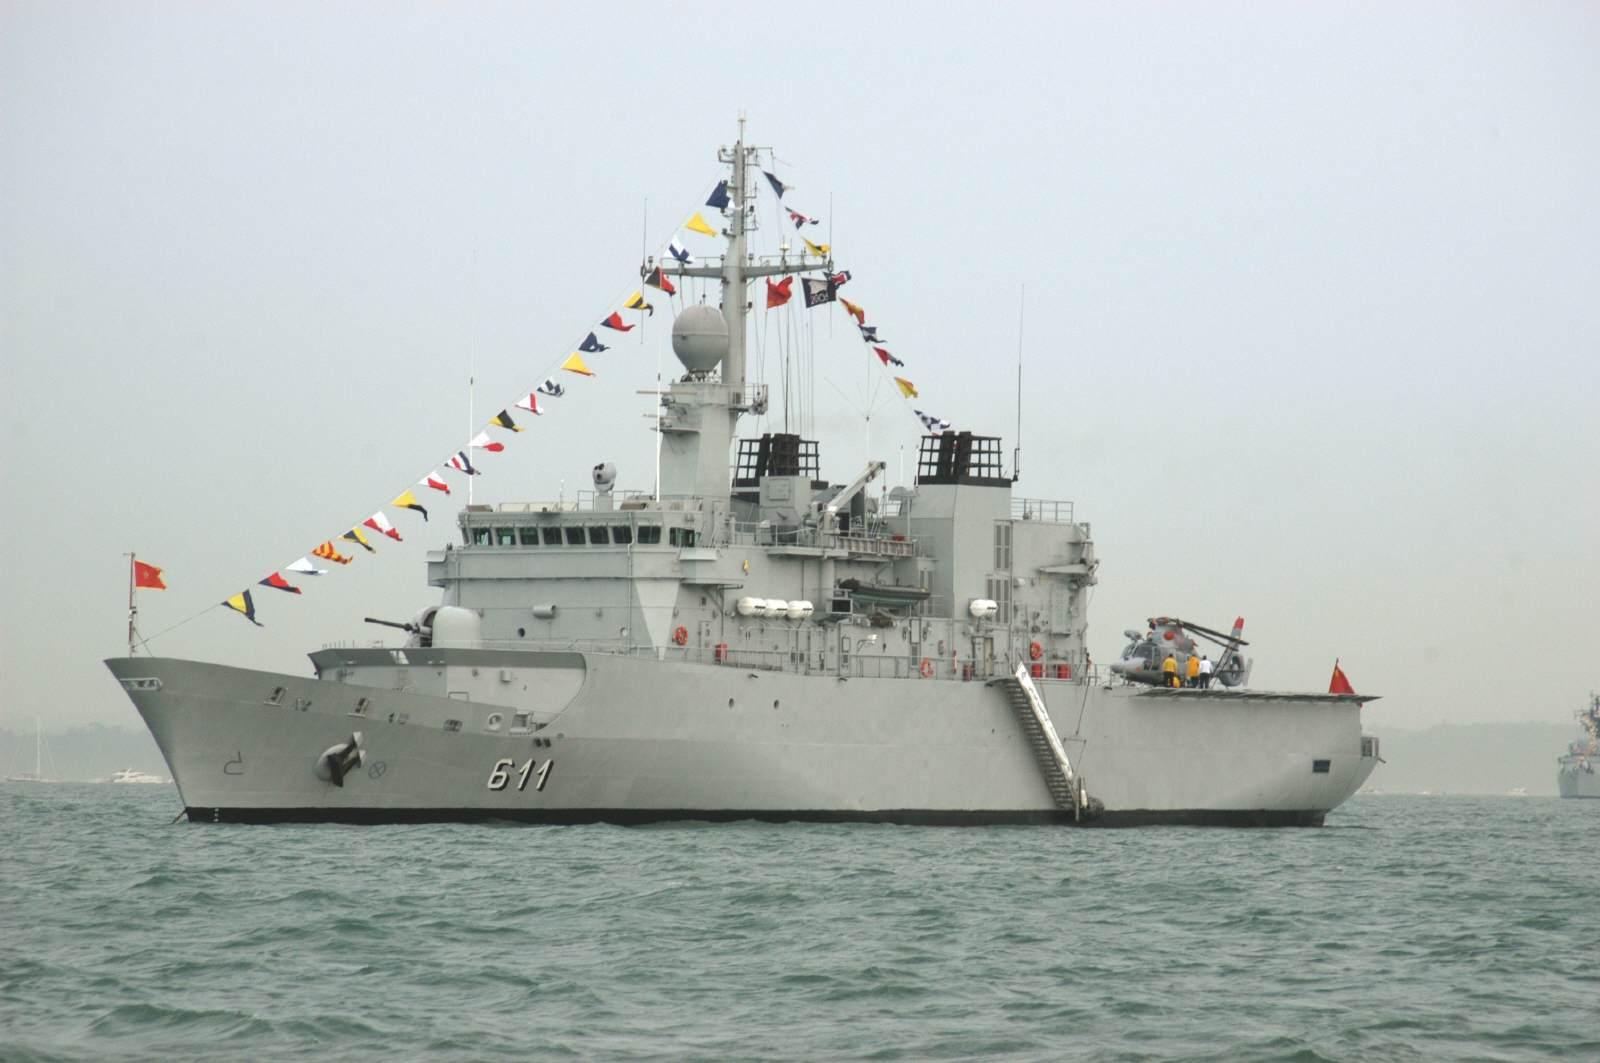 Royal Moroccan Navy Floréal Frigates / Frégates Floréal Marocaines - Page 15 Morocc11